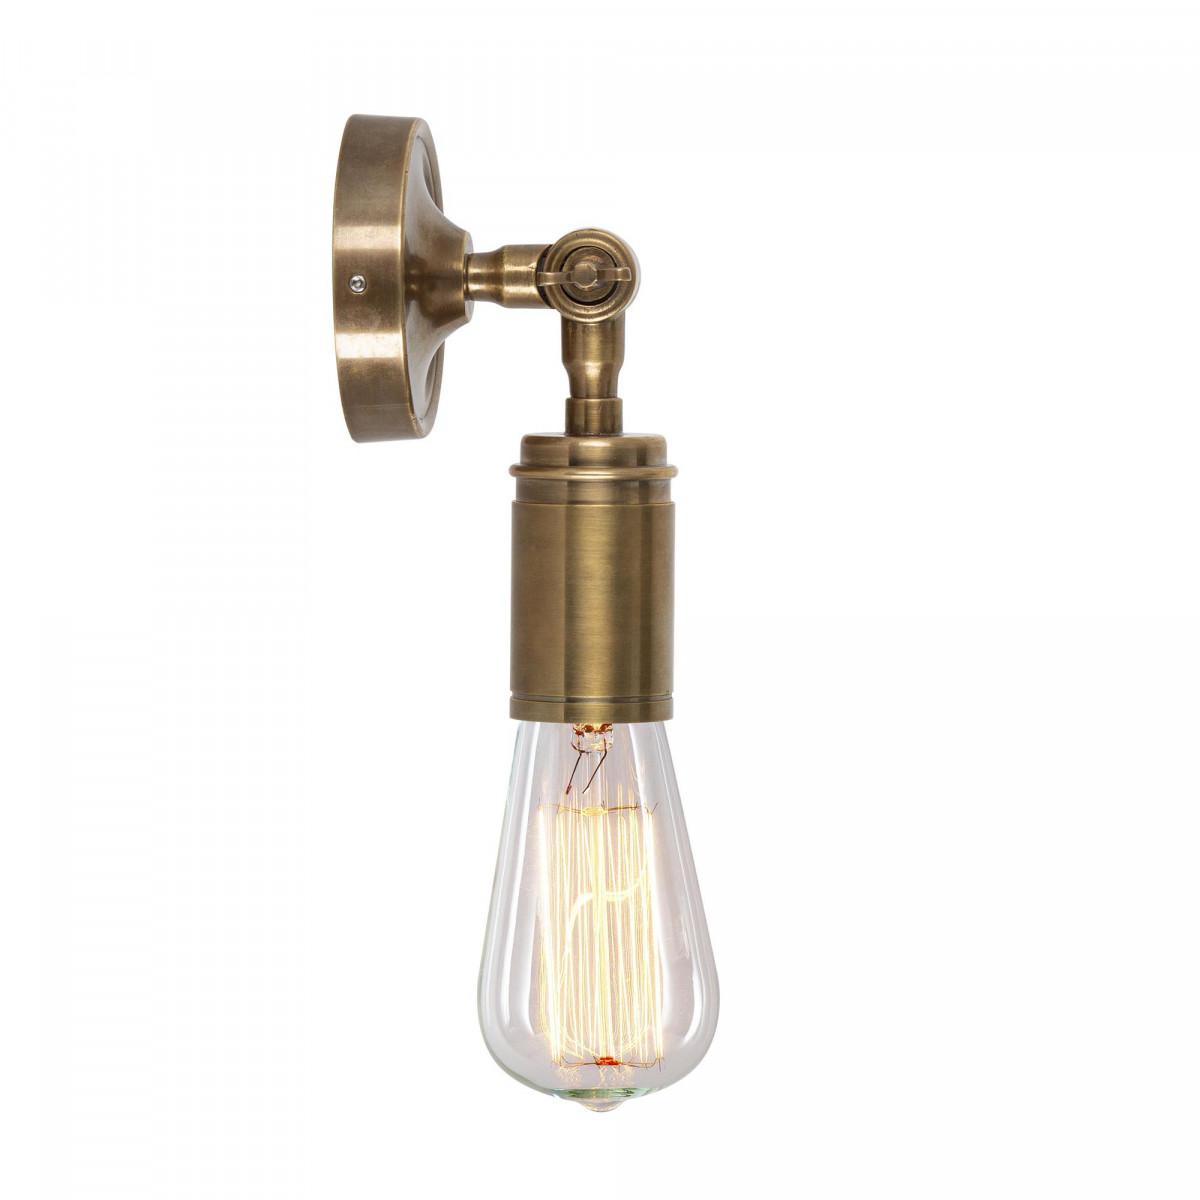 Emeli Wandlampe jetzt in verschiedenen Farben erhältlich auf Nostalux.de